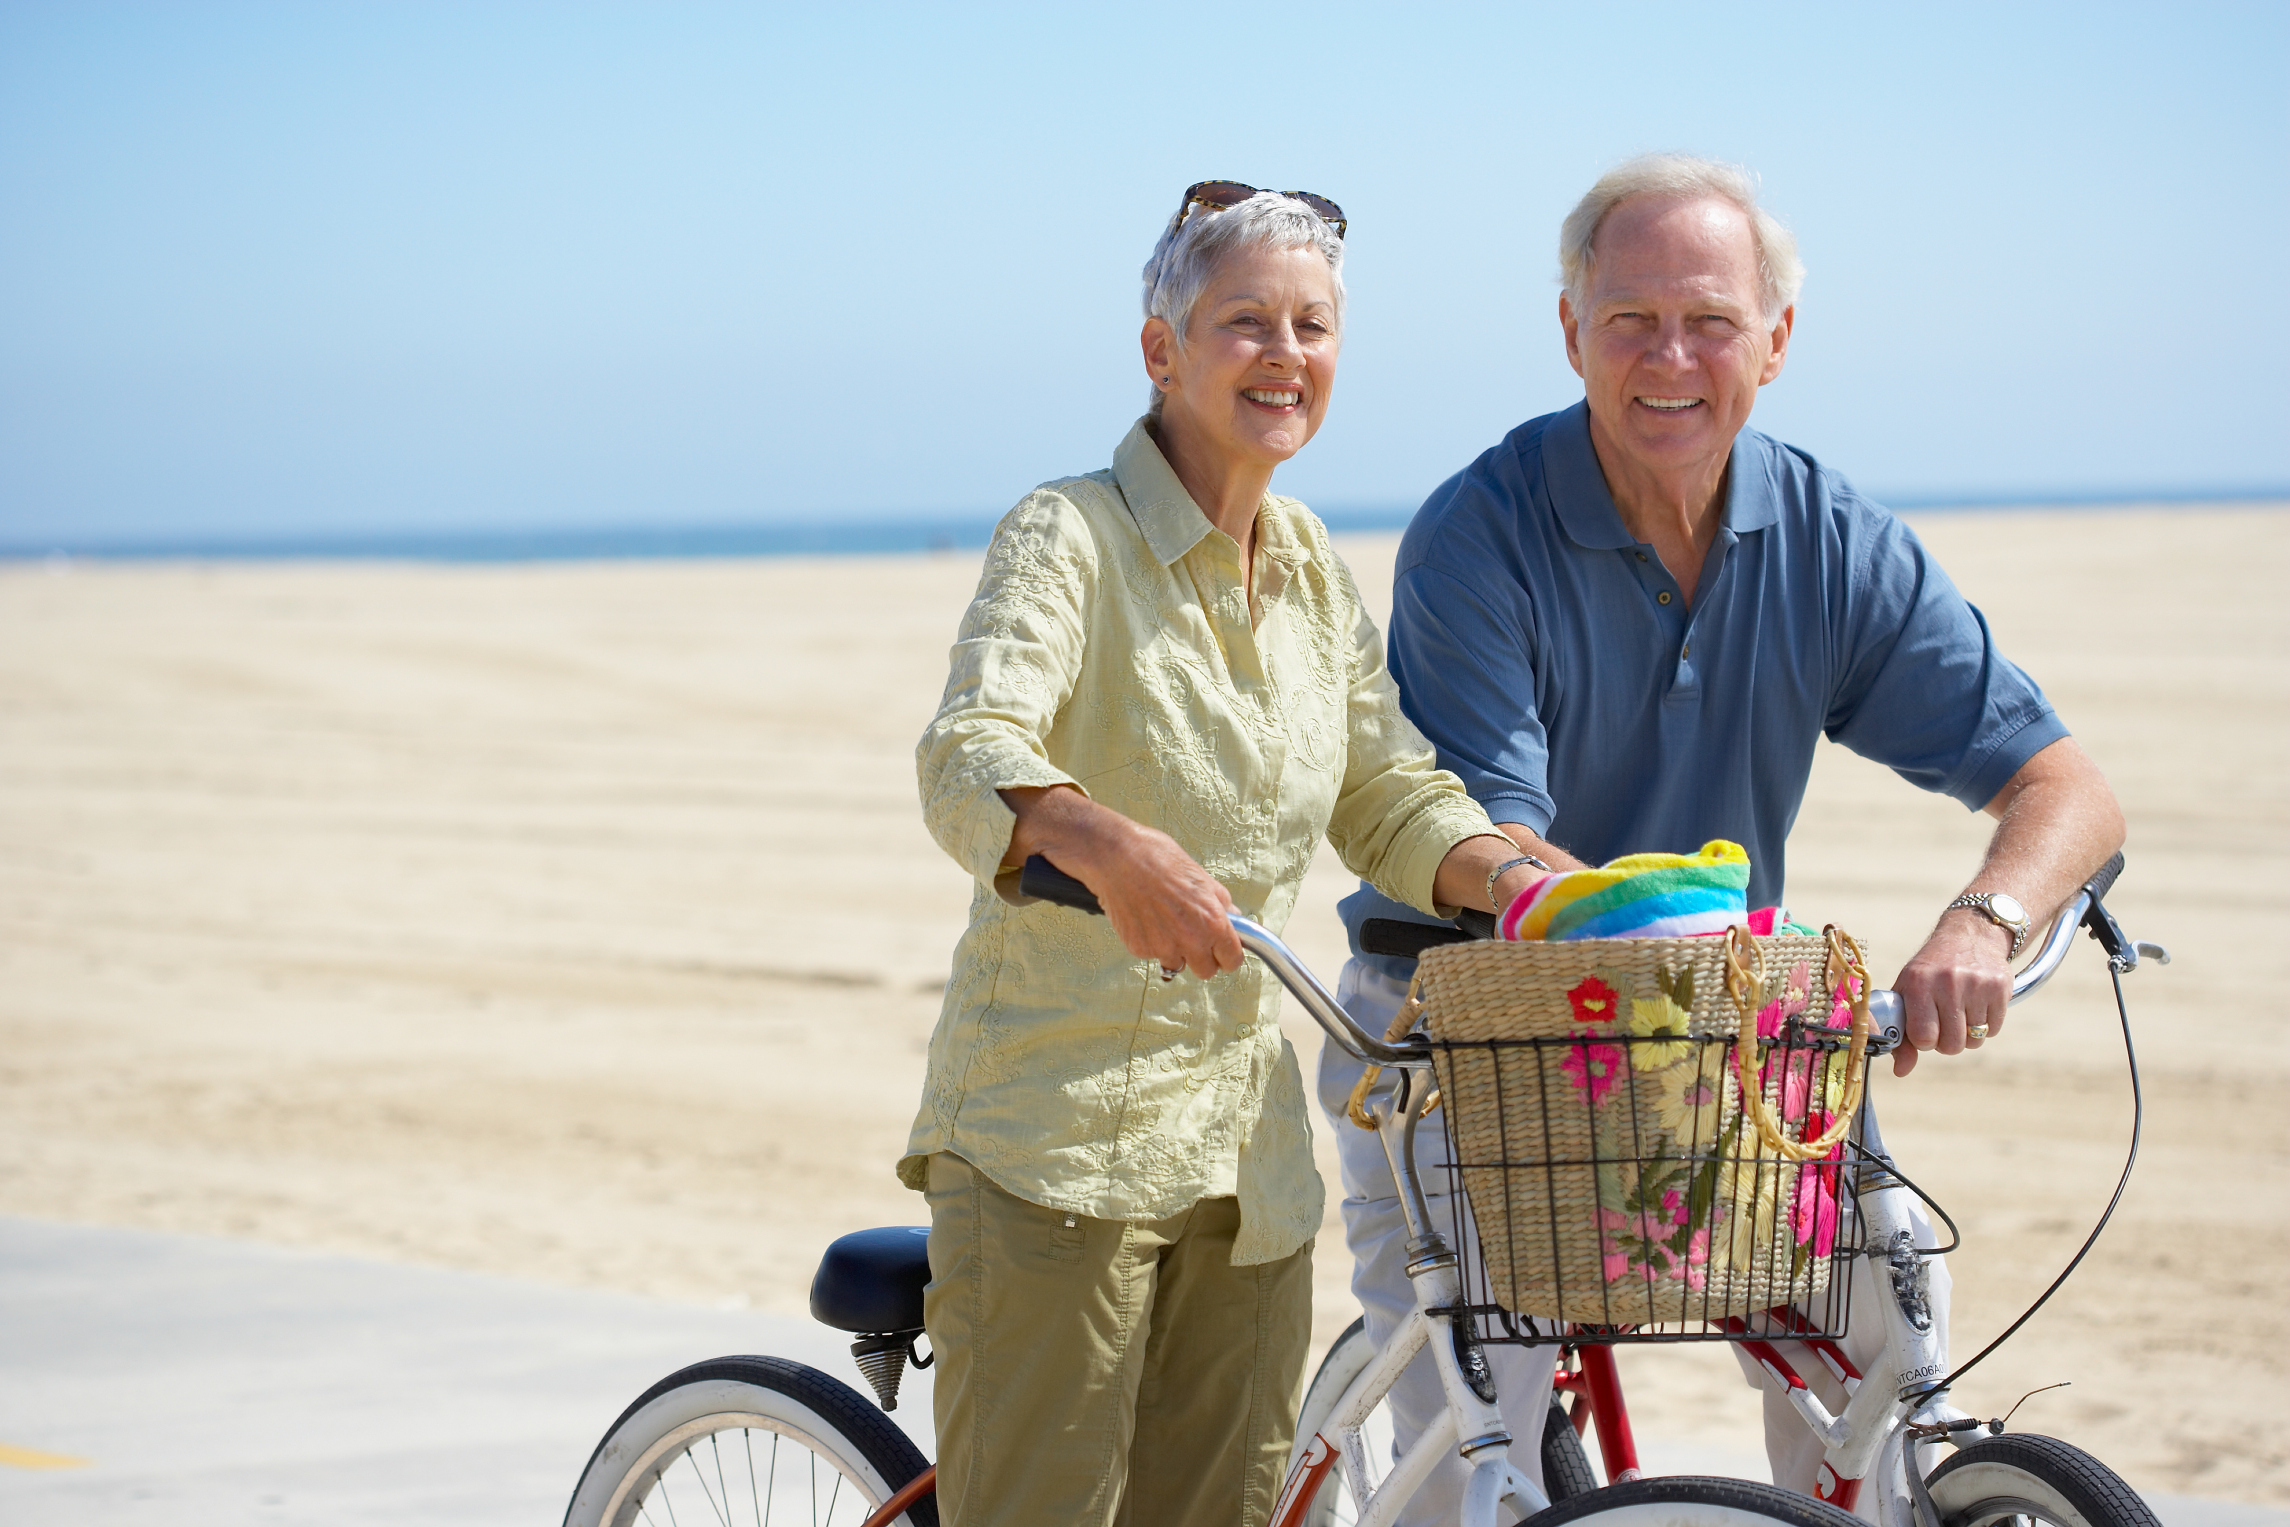 Viajes Para Personas Mayores: Turismo A Favor De Personas Adultas Mayores